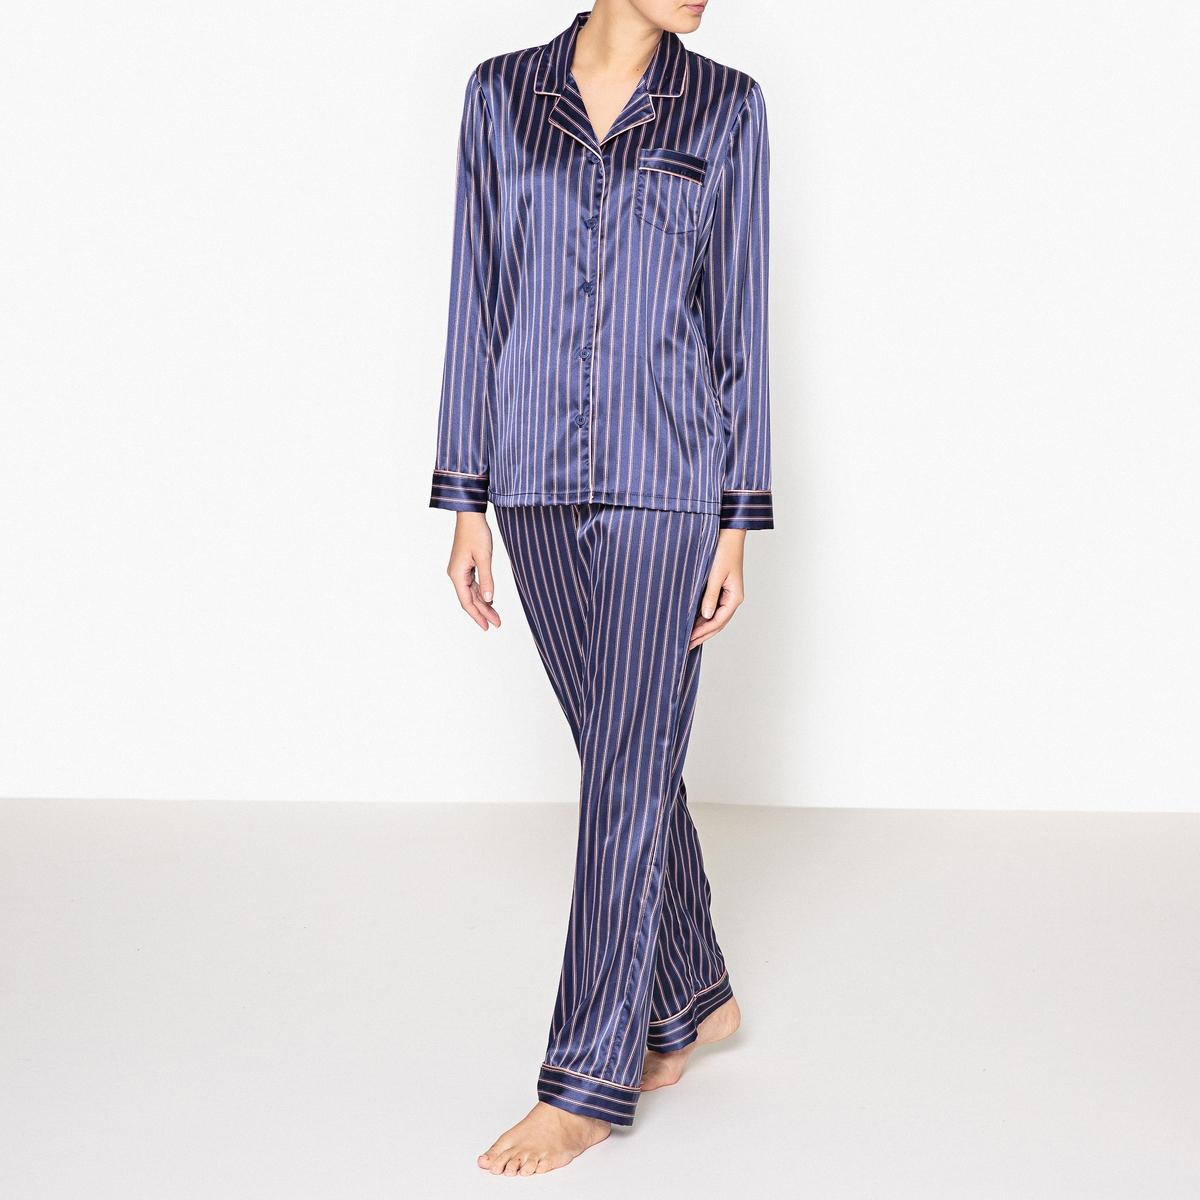 Пижама в полоскуПижама в винтажном стиле в полоску, Louise Marnay.Пижама из 2 предметов, прямой покрой, рисунок в полоску. Верх с накладными нагрудными карманами, застежкой на пуговицы и длинными рукавами. Брюки с эластичным поясом на завязках. Состав и описание : Материал : 96% полиэстера, 4% эластанаДлина :Верх: 68 смПо внутр.шву : 76 смМарка : Louise Marnay.Уход:Машинная стирка при 30 °С на деликатном режиме с вещами схожих цветов.Стирать и гладить при низкой температуре с изнаночной стороны.Машинная сушка запрещена.<br><br>Цвет: в полоску<br>Размер: 46 (FR) - 52 (RUS).52 (FR) - 58 (RUS).50 (FR) - 56 (RUS).40 (FR) - 46 (RUS)